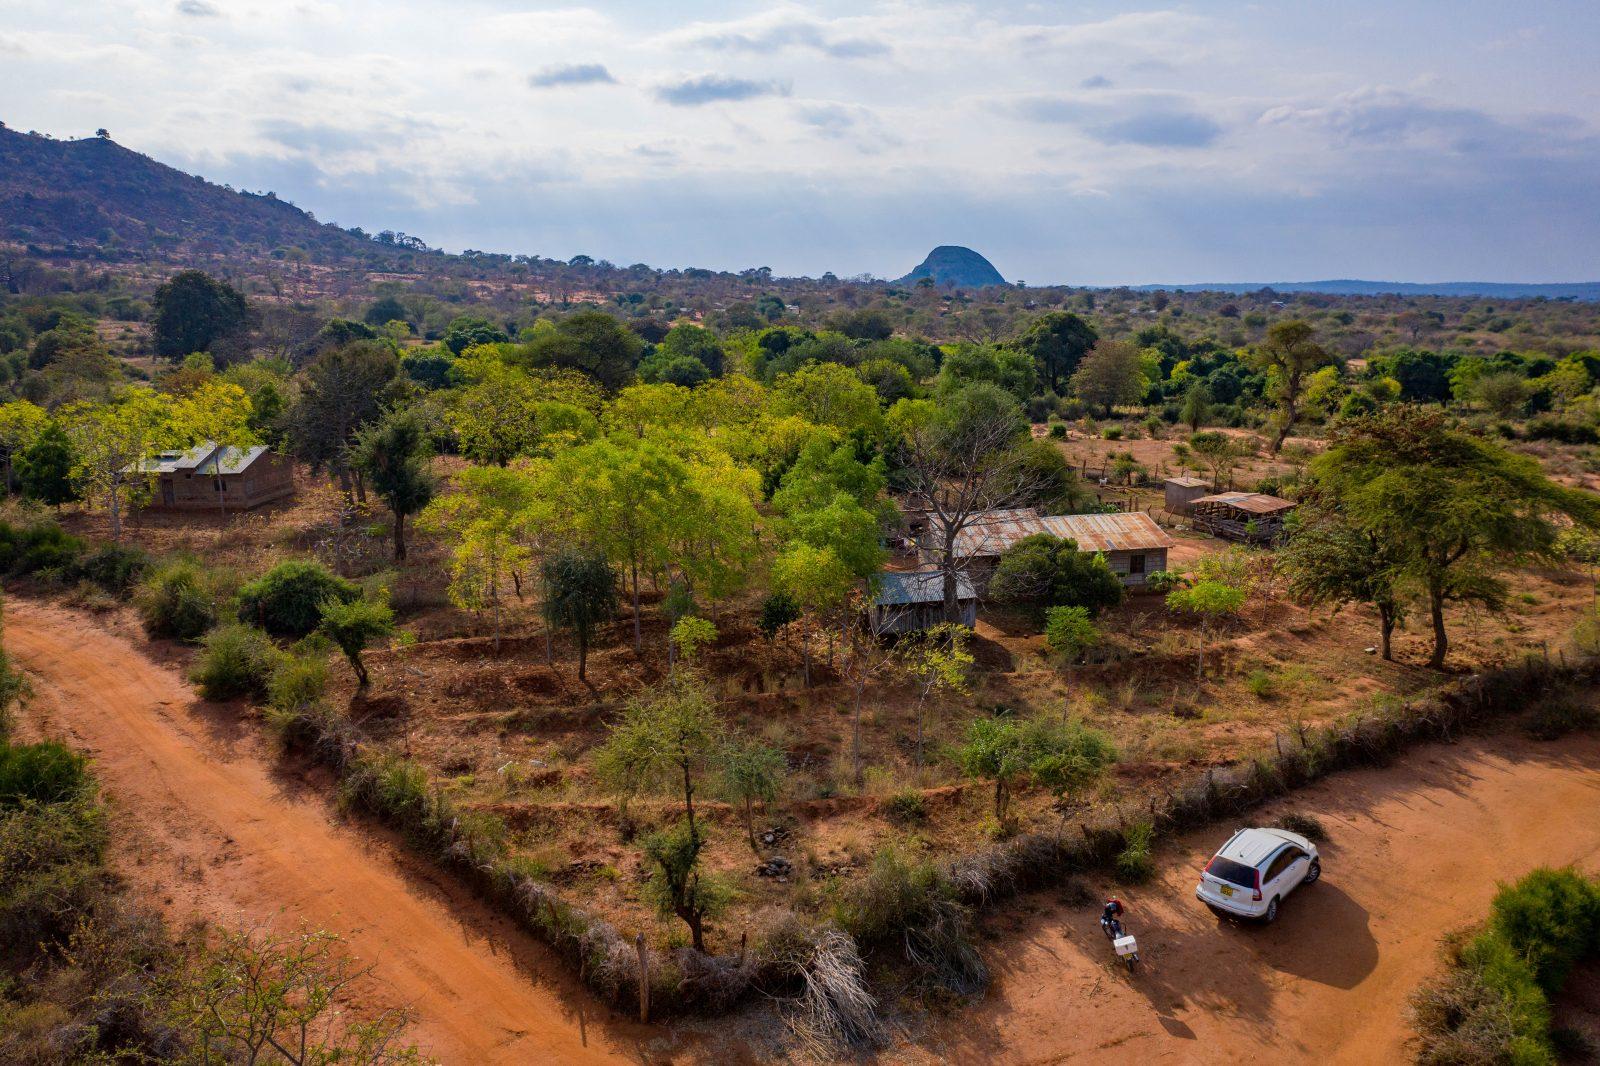 Drönarbild över partner-bonden Sospeter Musioki Mutisoki gård i Mwingi-området i Kenya. Bild från juni 2019.